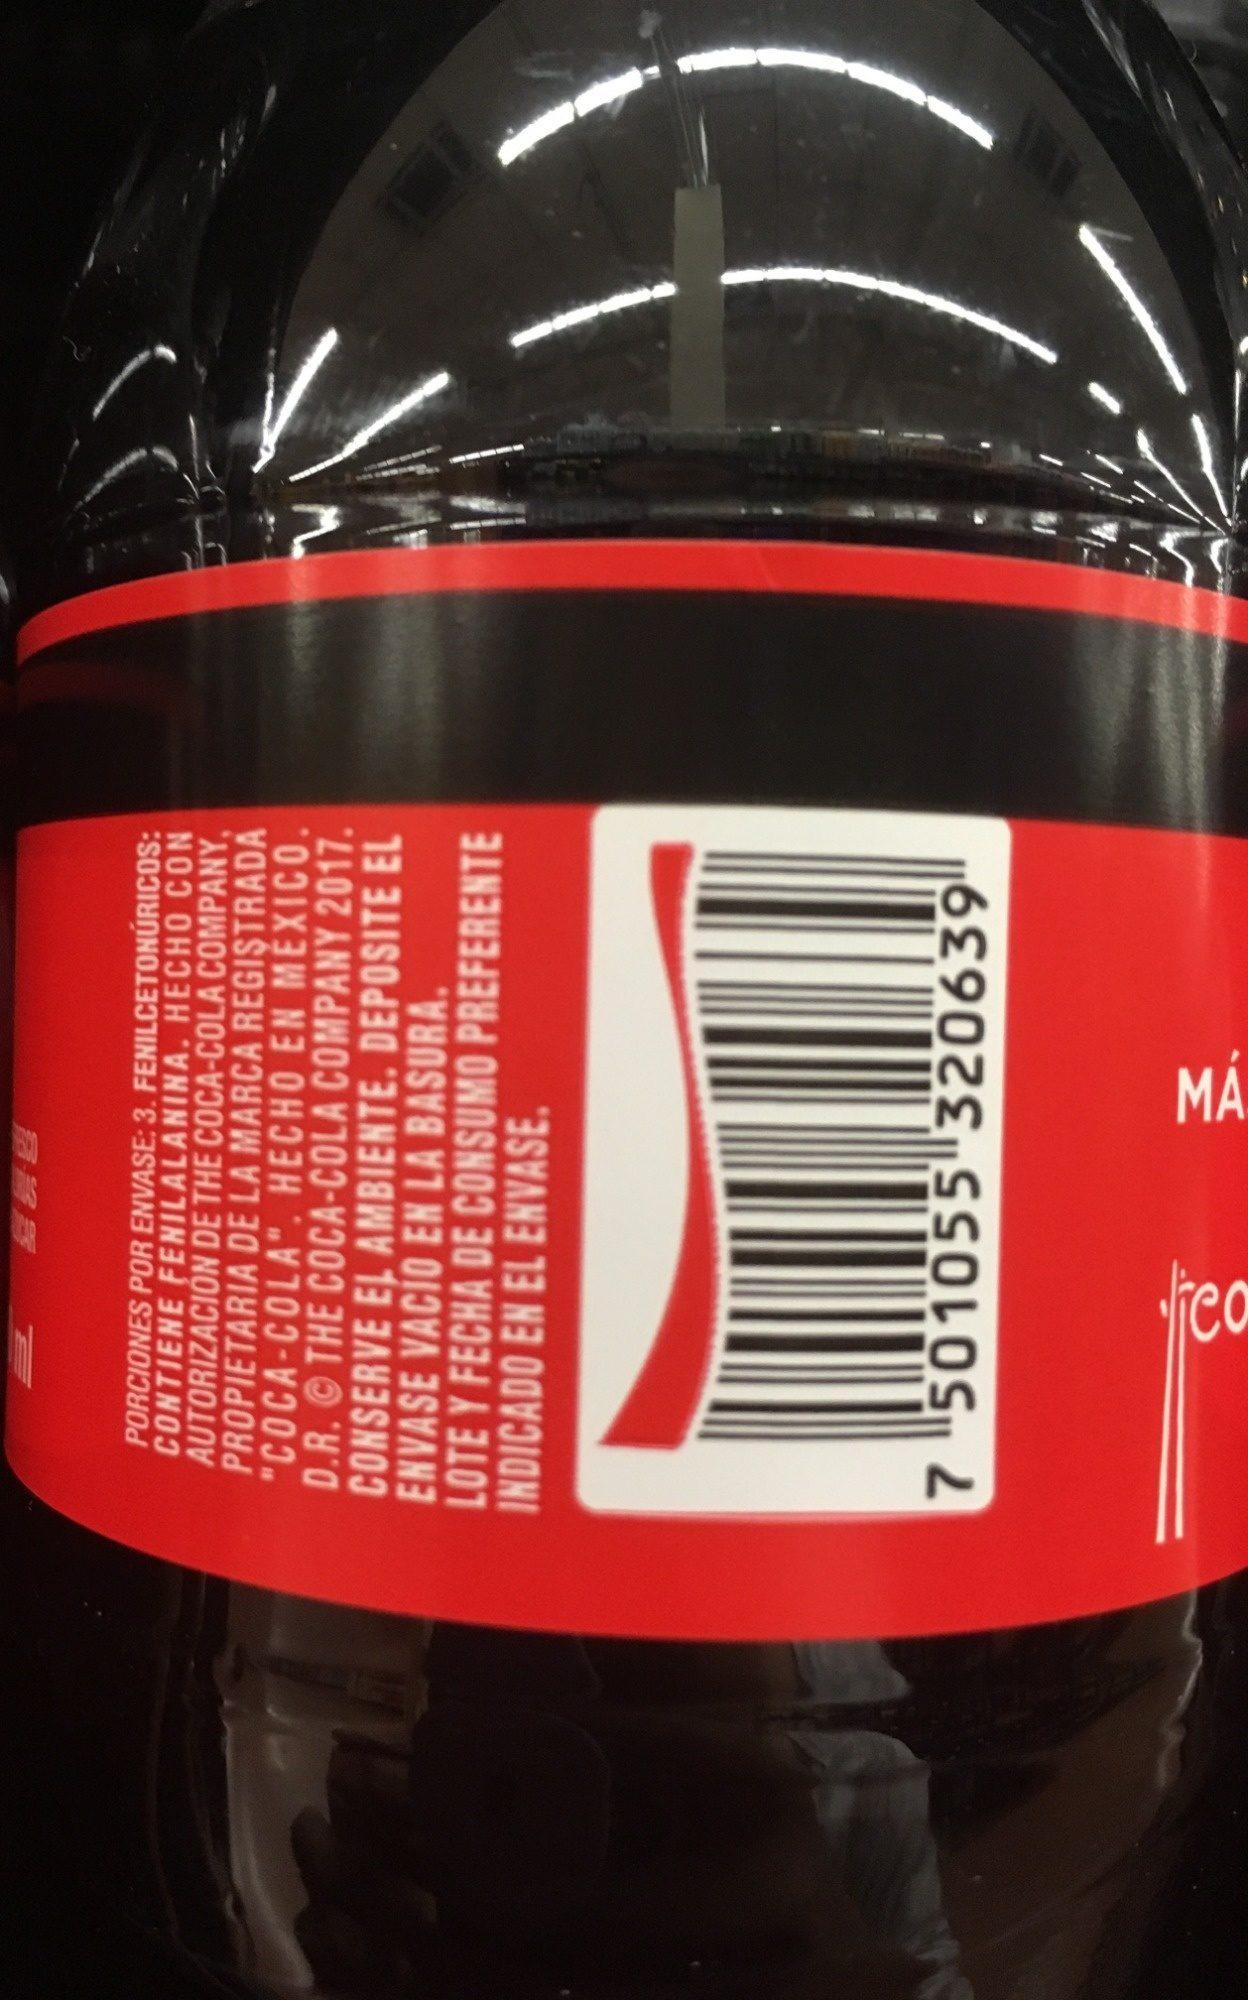 Coca cola sin azúcar - Ingredientes - es